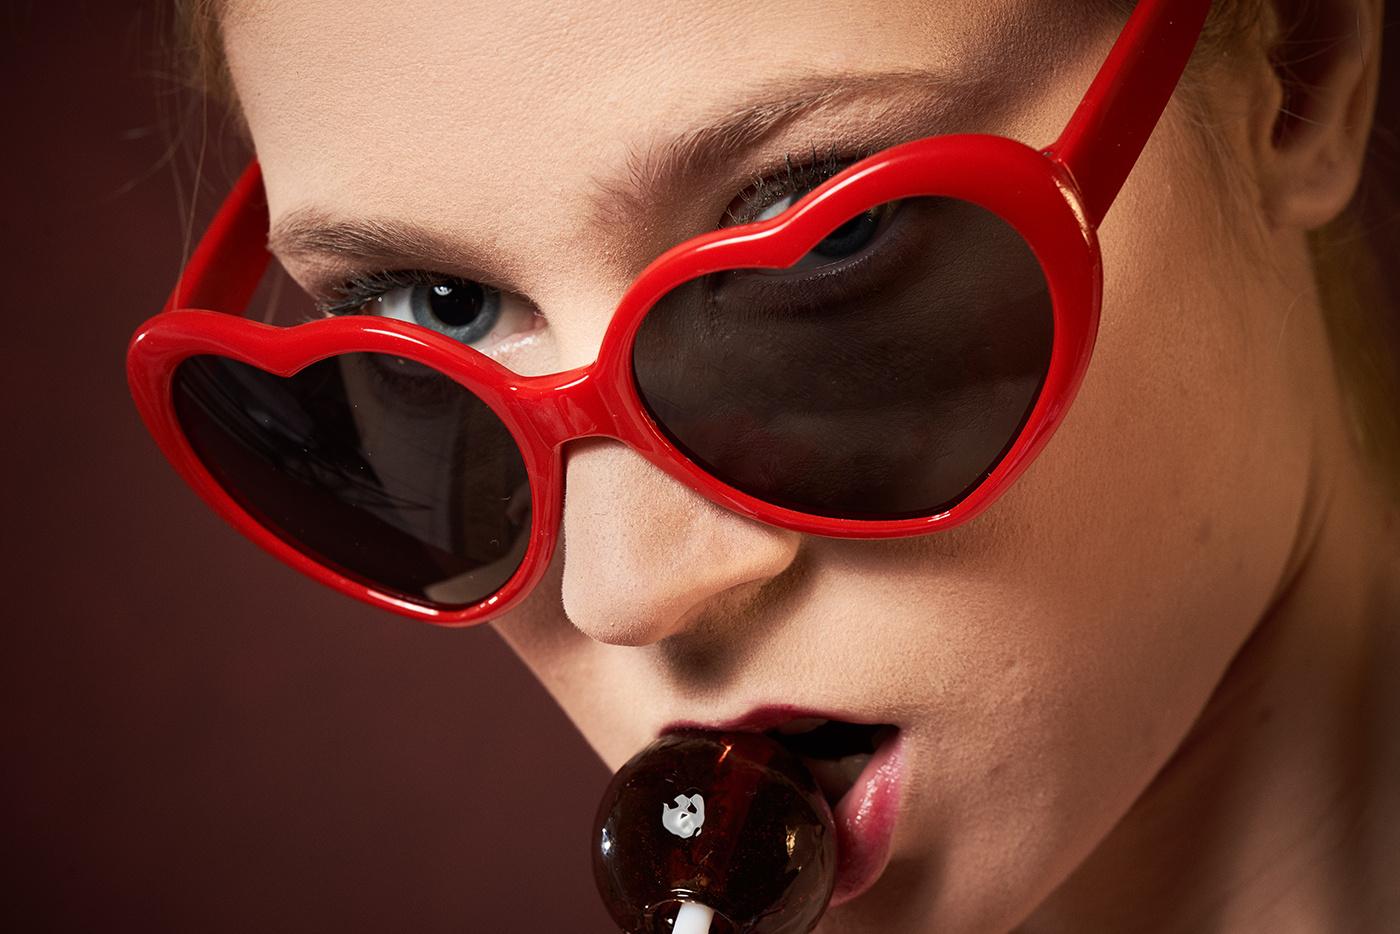 Lolita by thomas Palmer